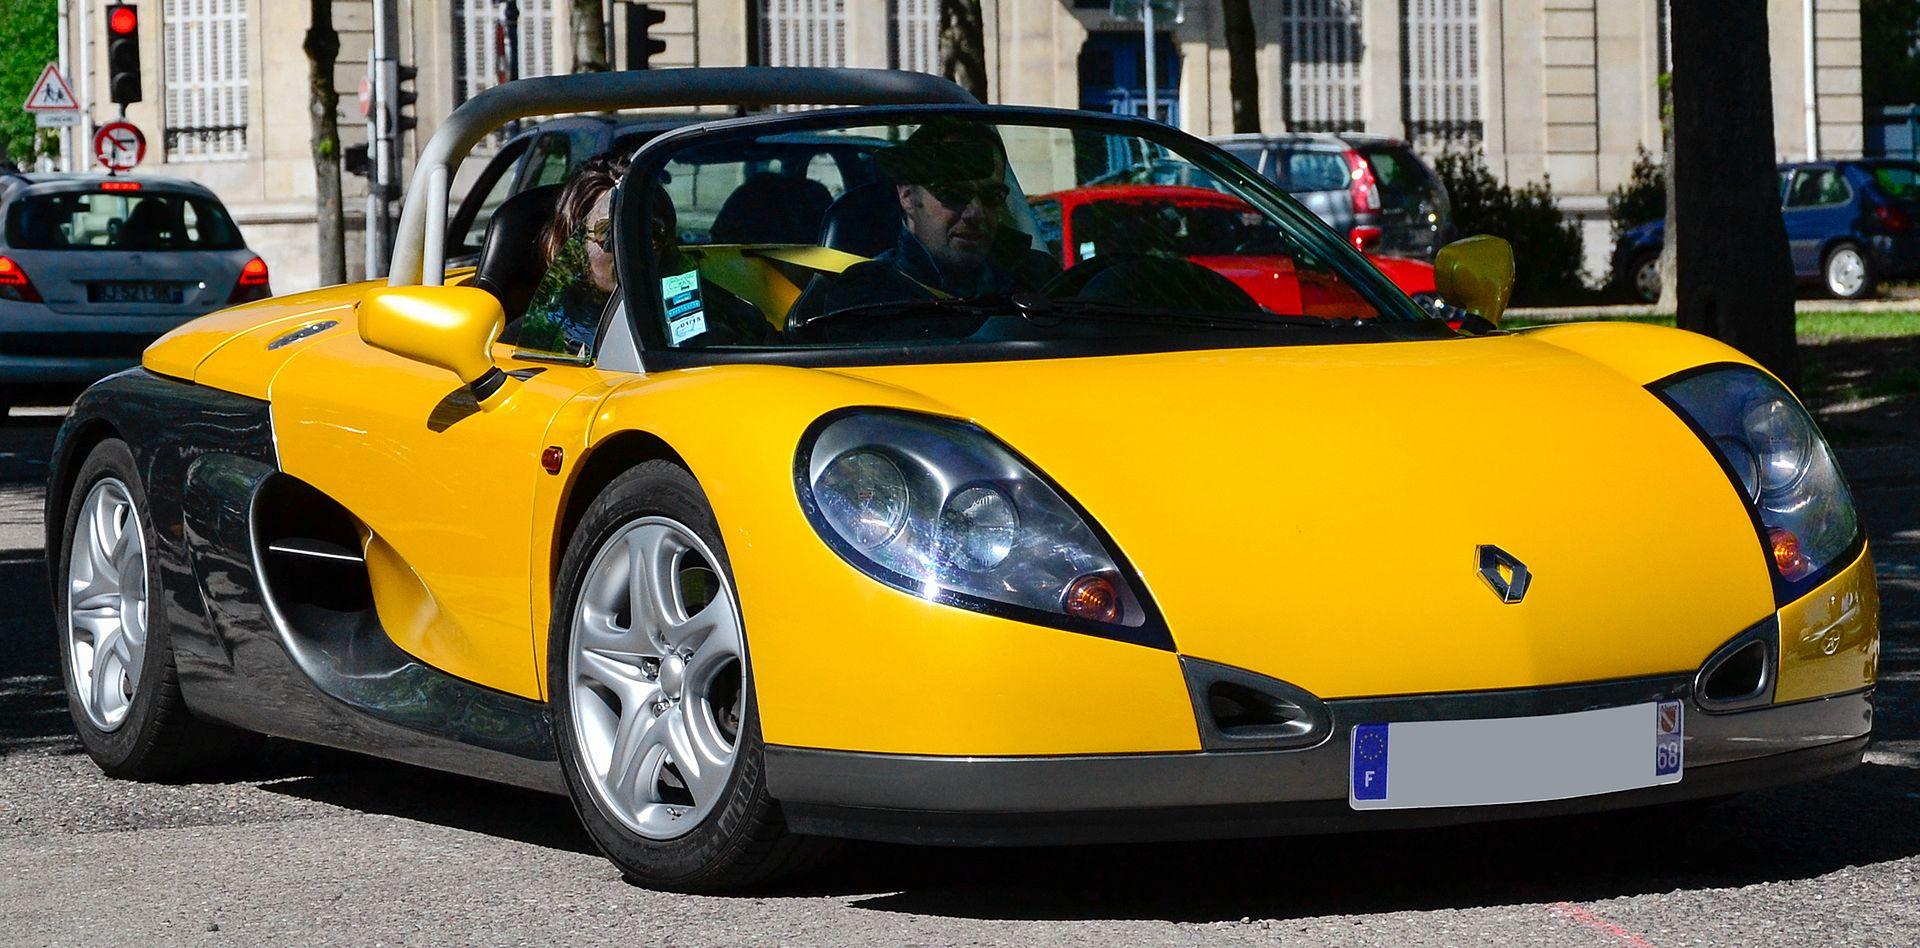 Renault Sport Spider  Wikipedia